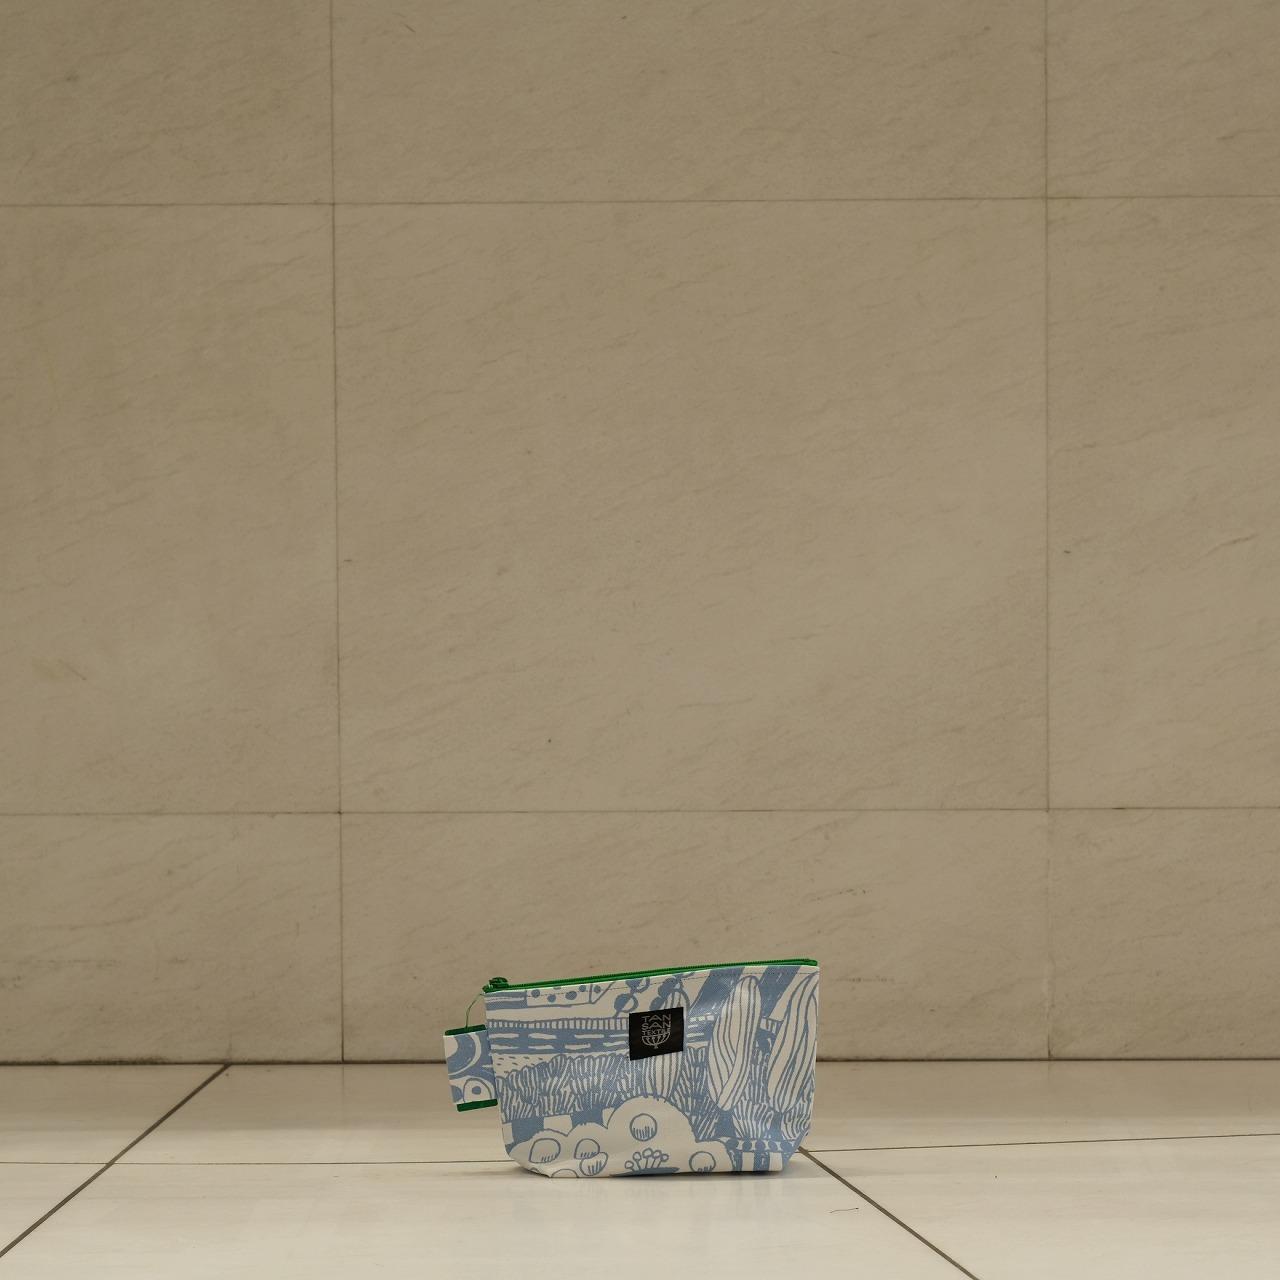 炭酸デザイン室 オンライン展示会 マチポーチM_d0182409_16513845.jpg